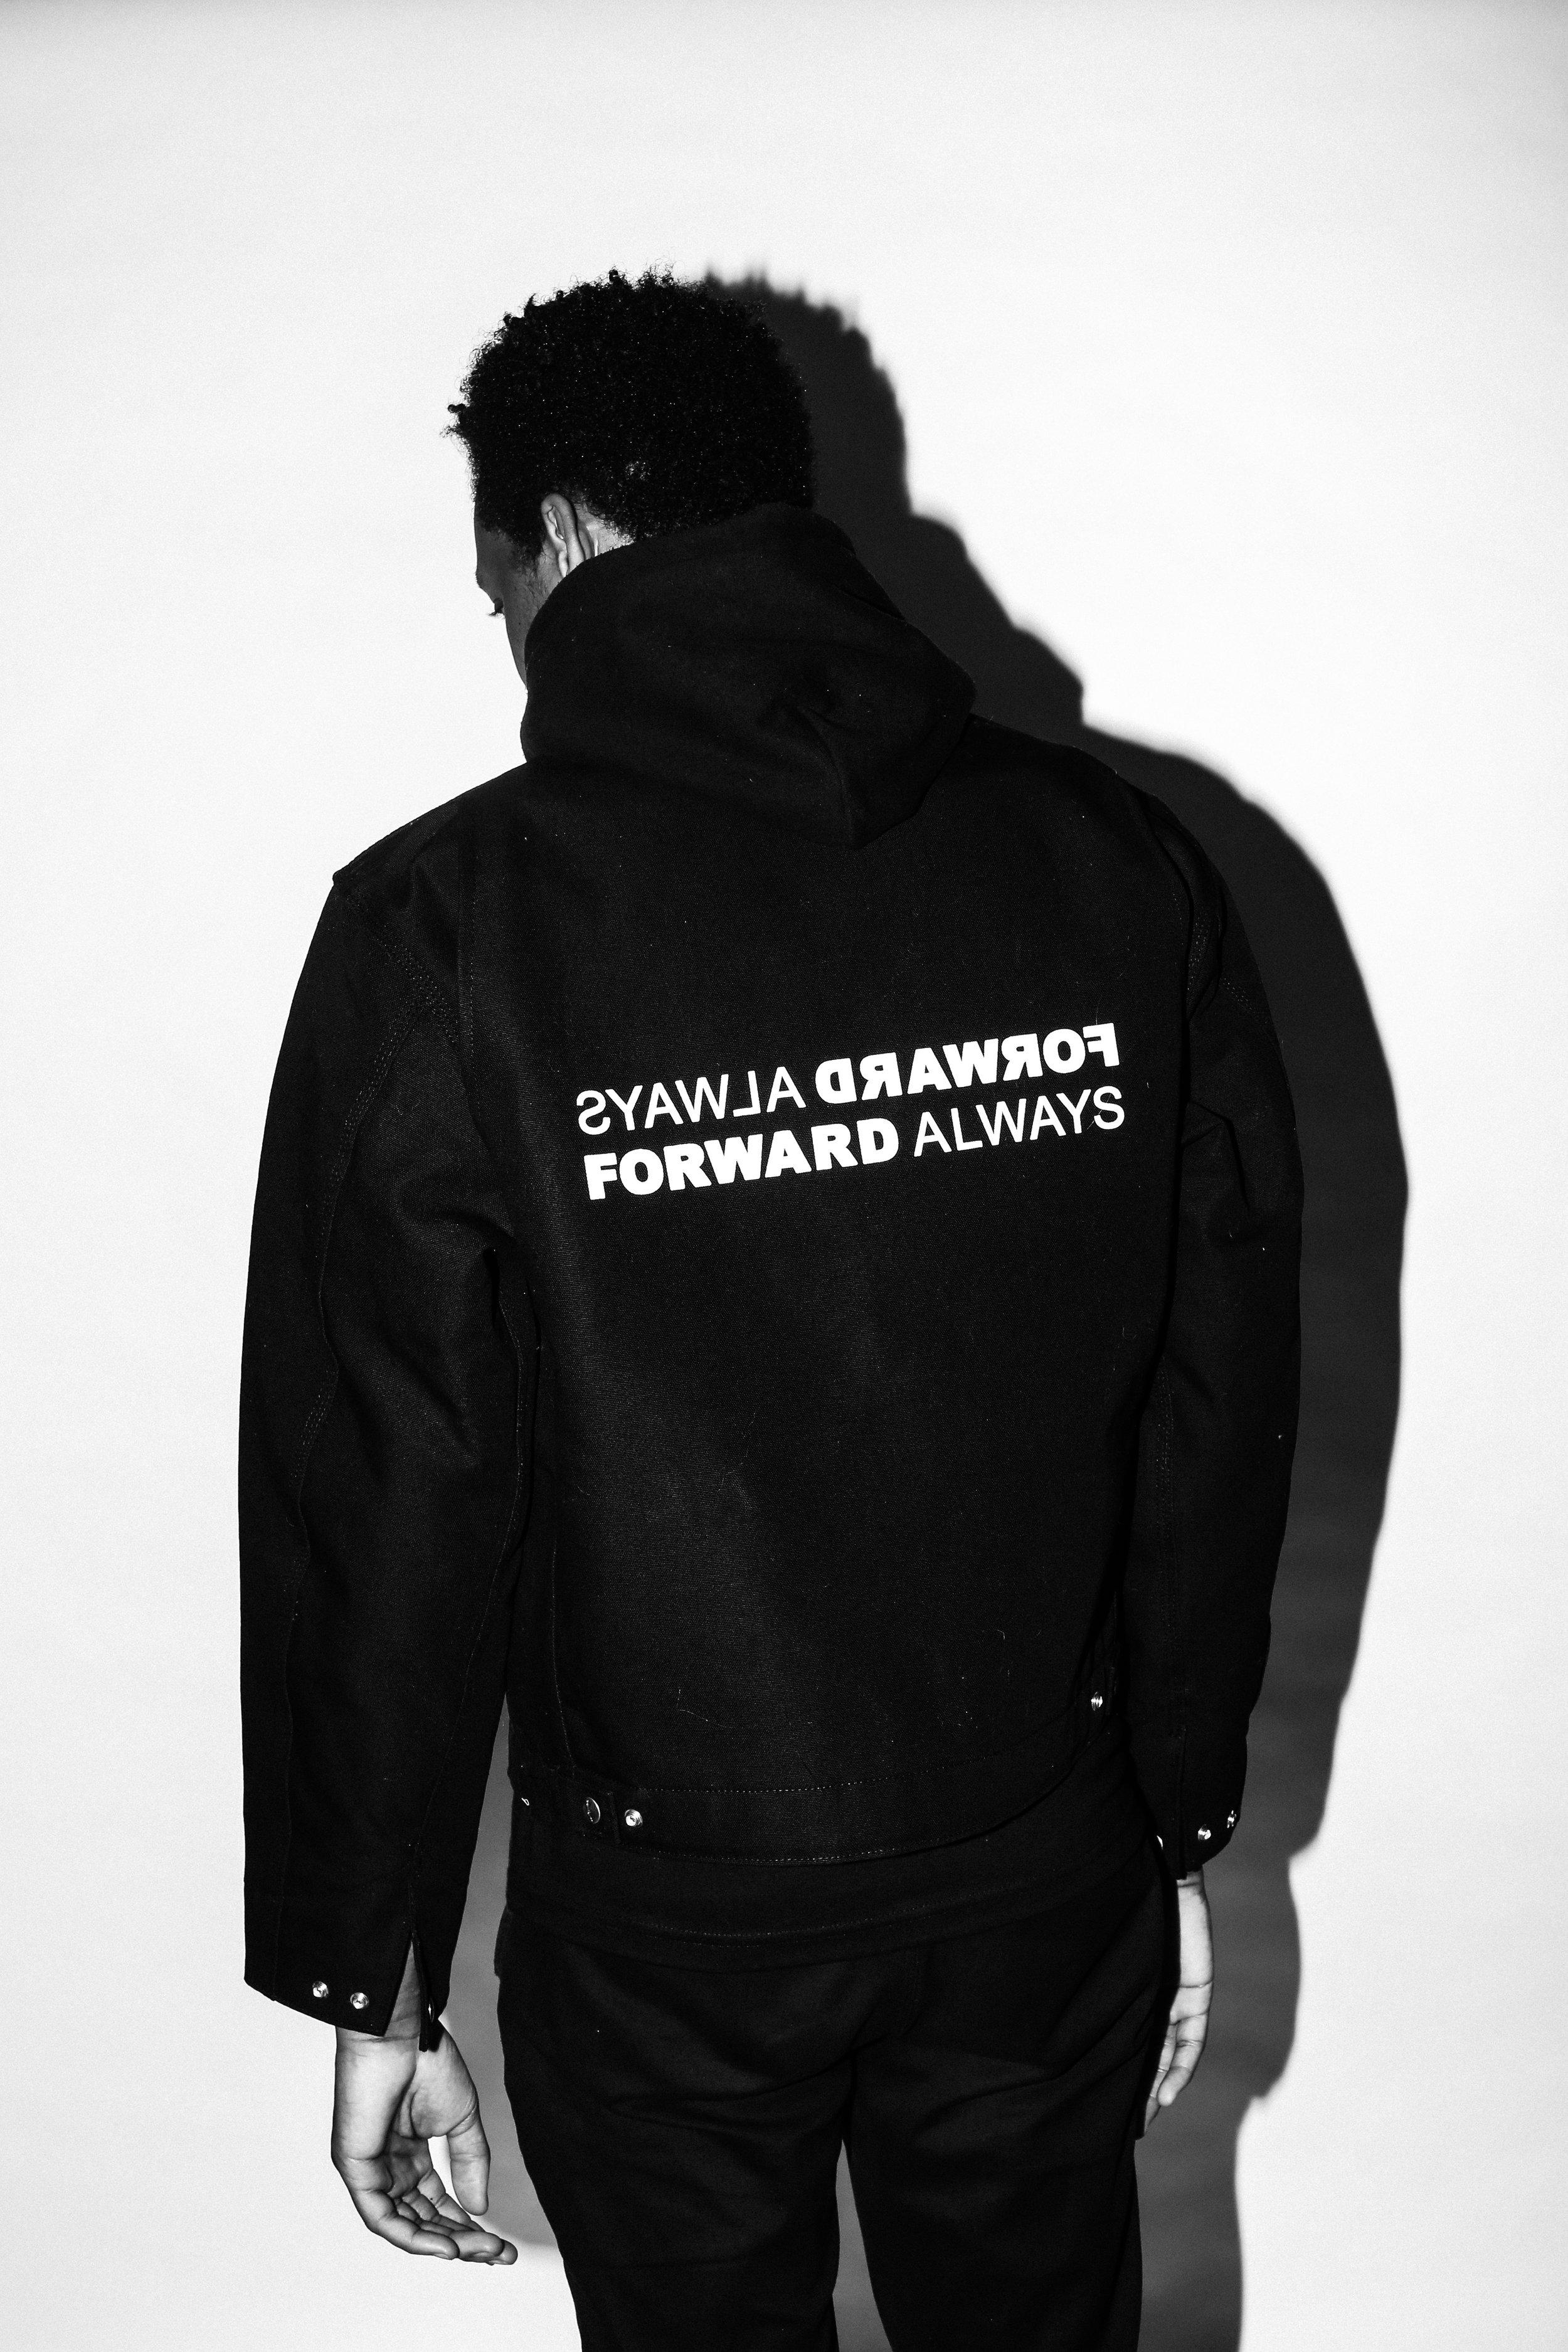 ALWAYS FORWARD FORWARD ALWAYS Carhartt jacket back.jpg